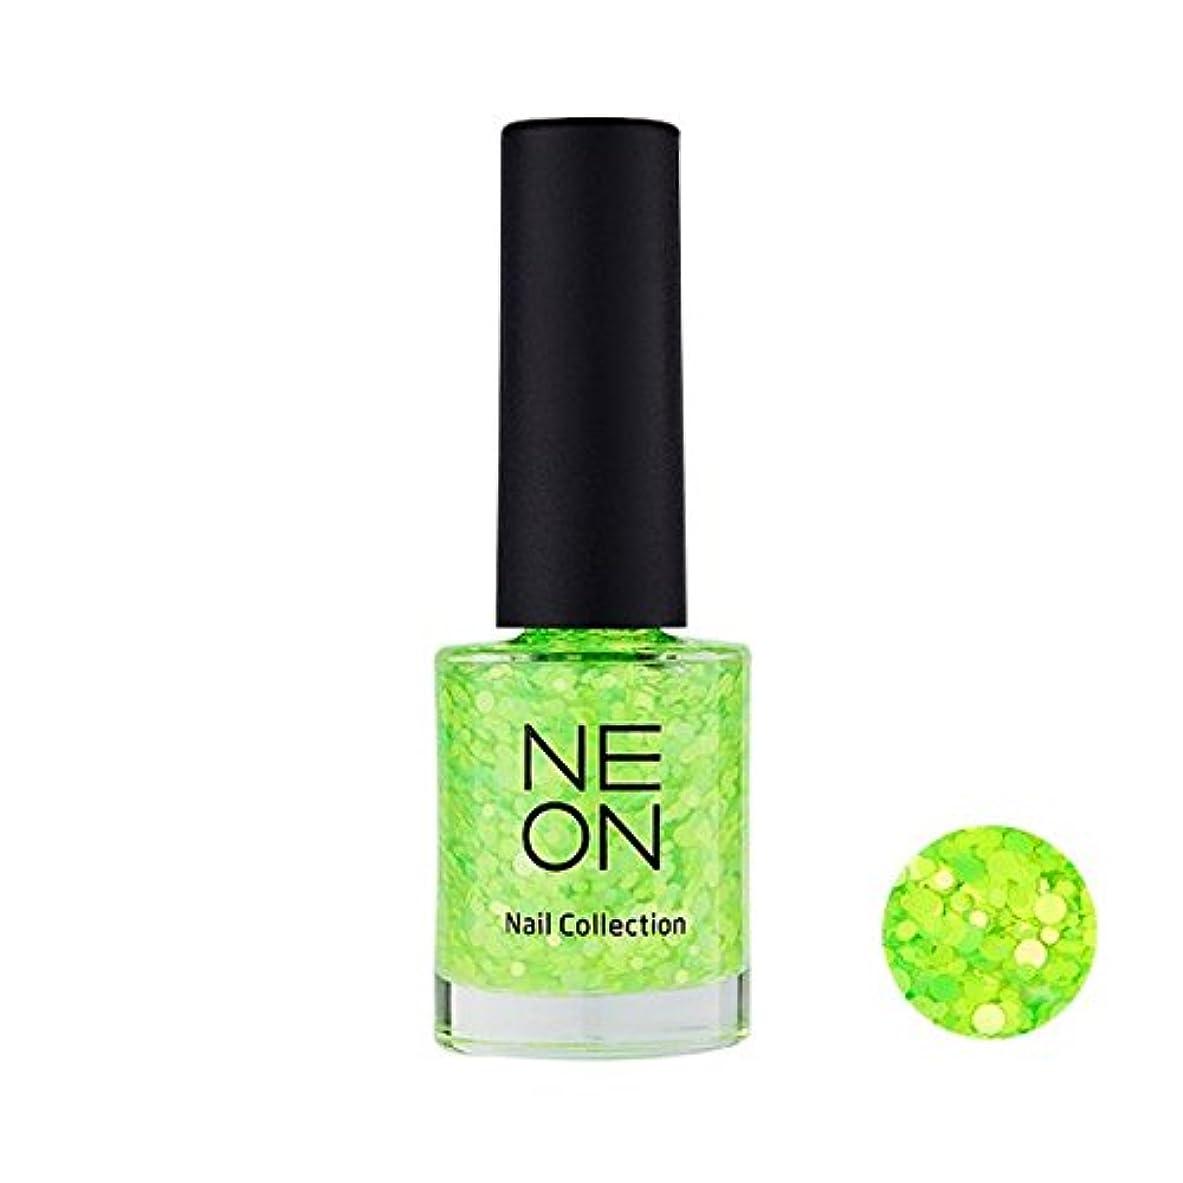 融合鼓舞する追跡It'S SKIN Neon nail collection [04 Neon Glitter green] イッツスキン ネオンネイルコレクション [04 ネオン グリッター グリーン] [並行輸入品]